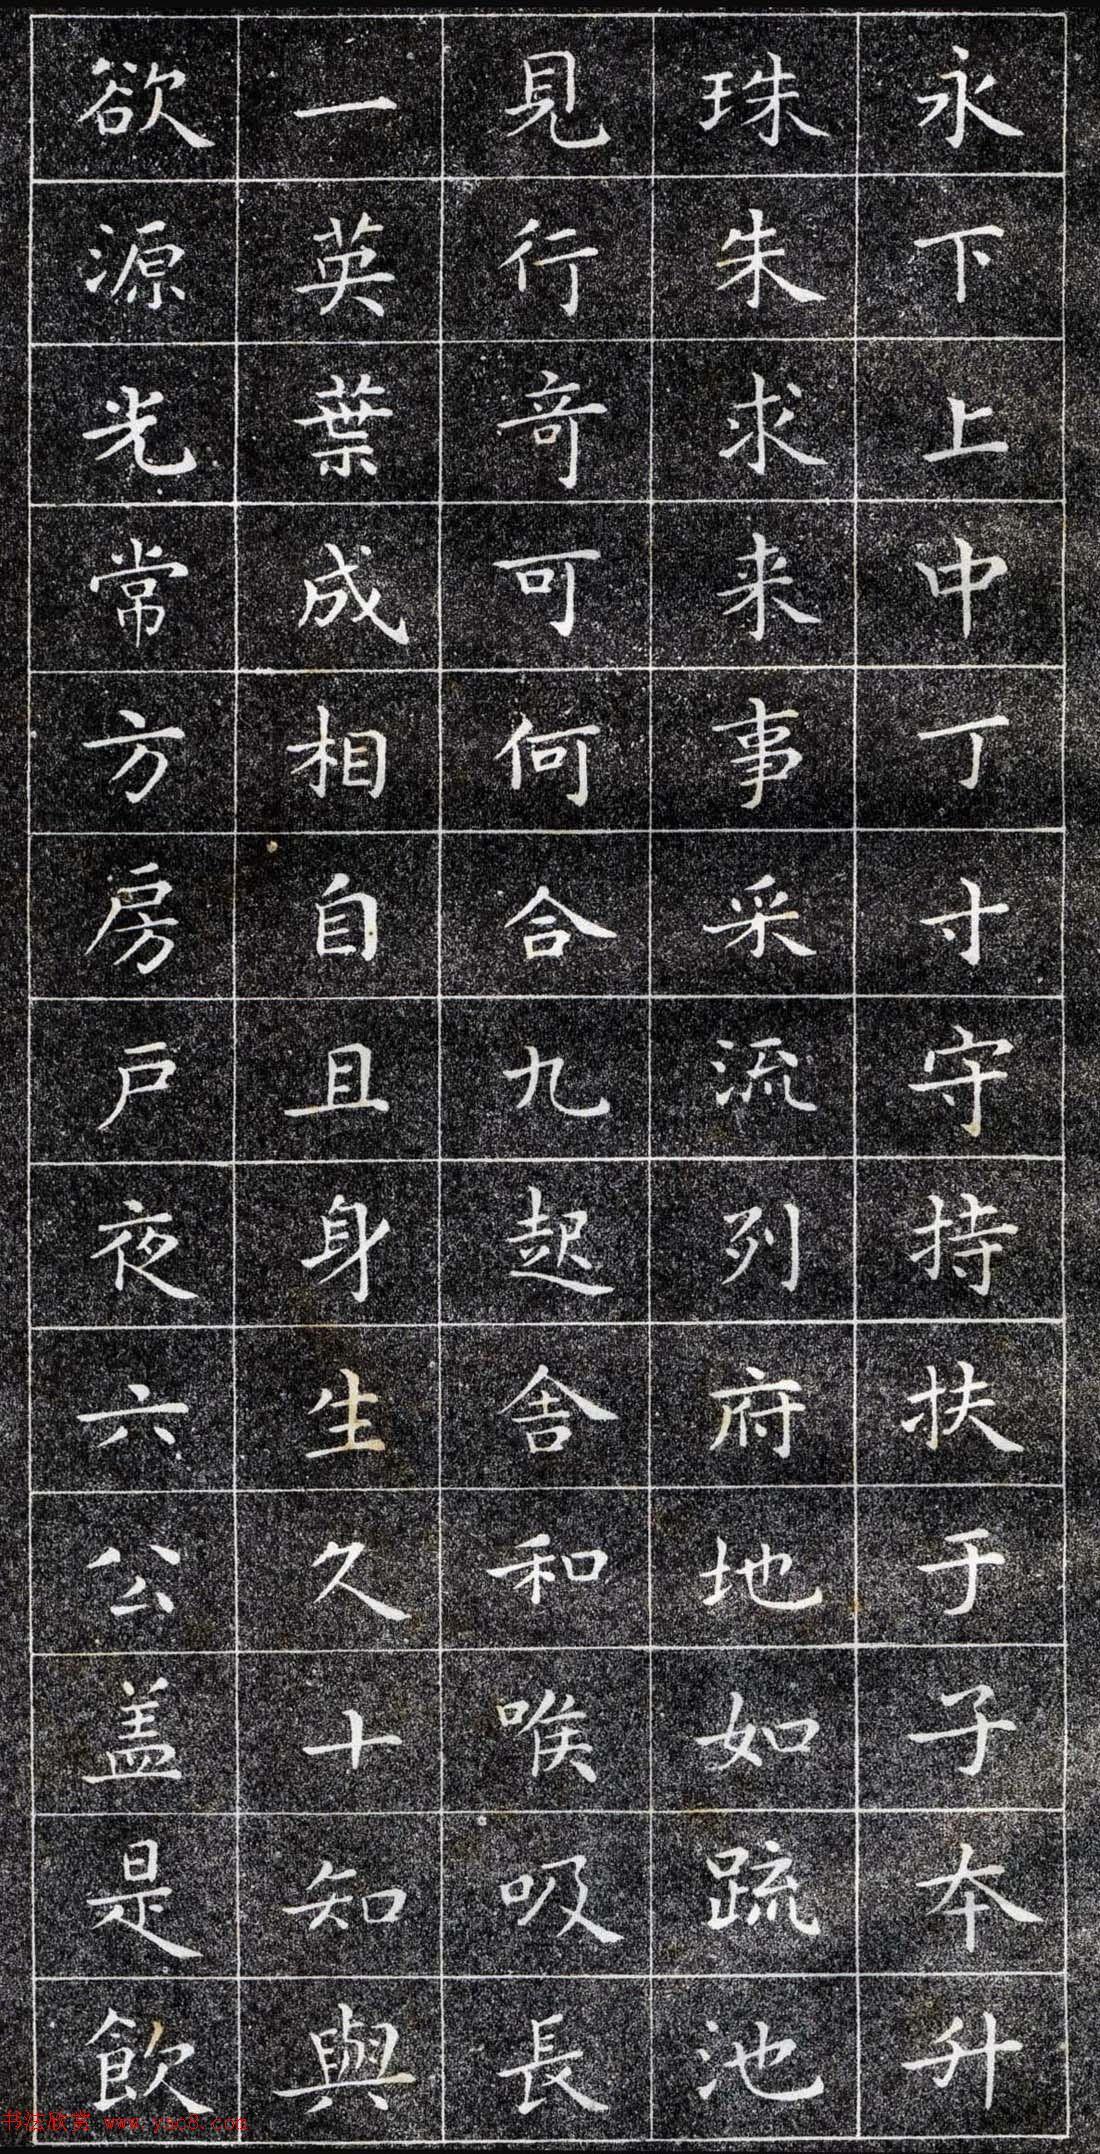 正楷字体范本 王羲之小楷字帖图片